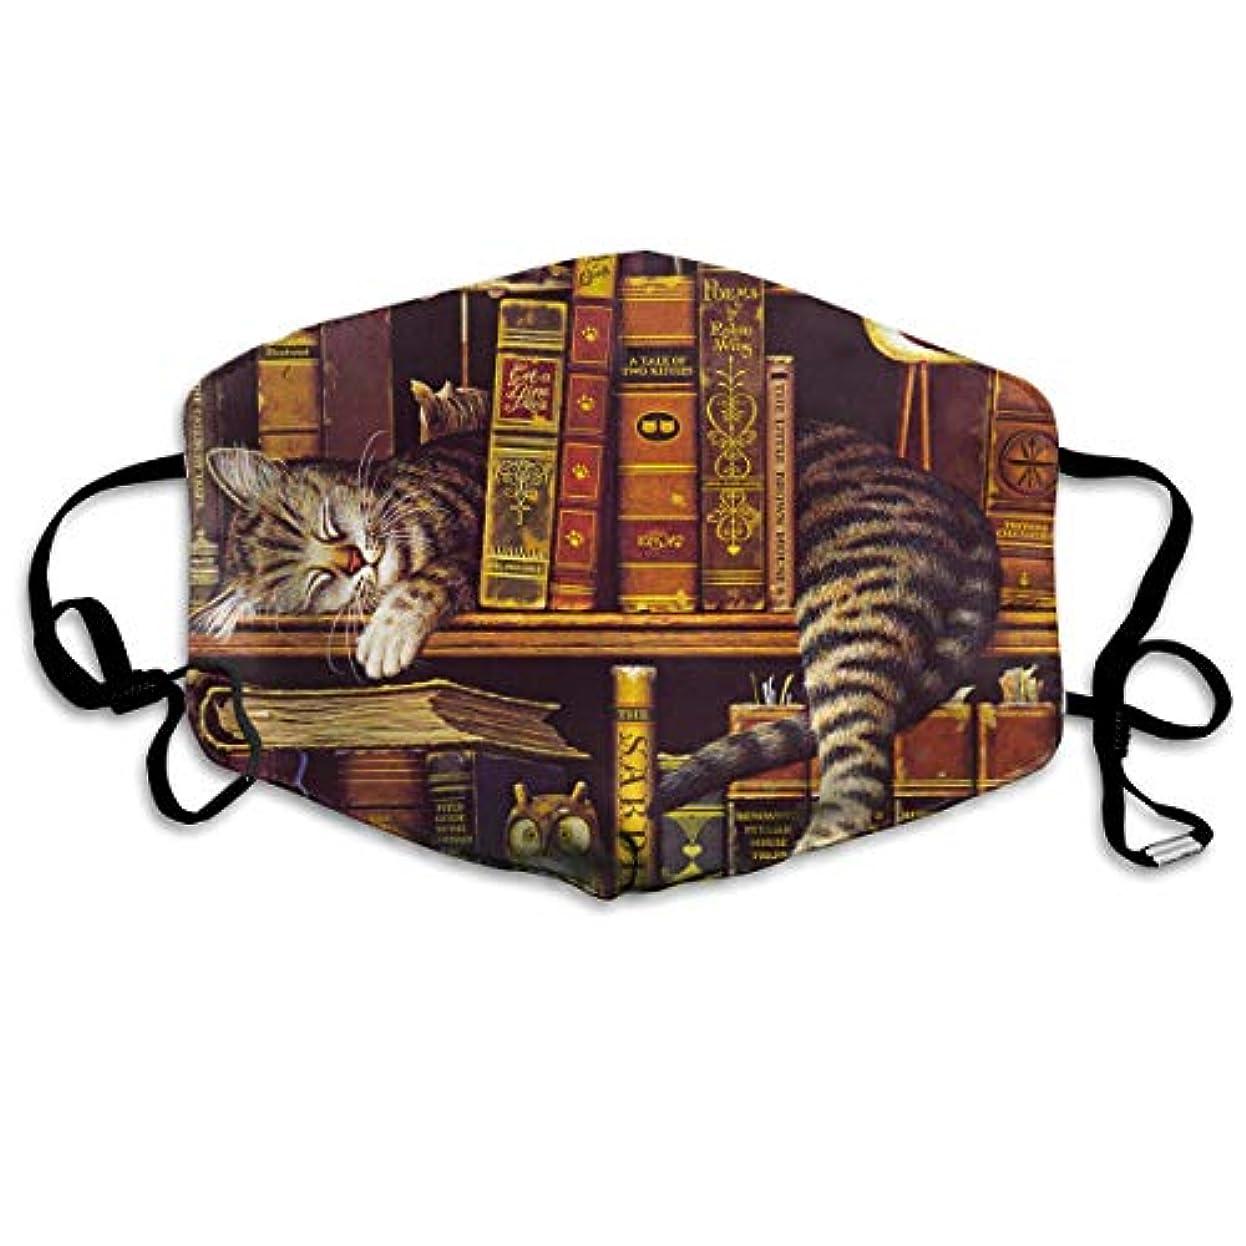 速報修道院復活するMorningligh 20T#波西米?猫- (2) マスク 使い捨てマスク ファッションマスク 個別包装 まとめ買い 防災 避難 緊急 抗菌 花粉症予防 風邪予防 男女兼用 健康を守るため